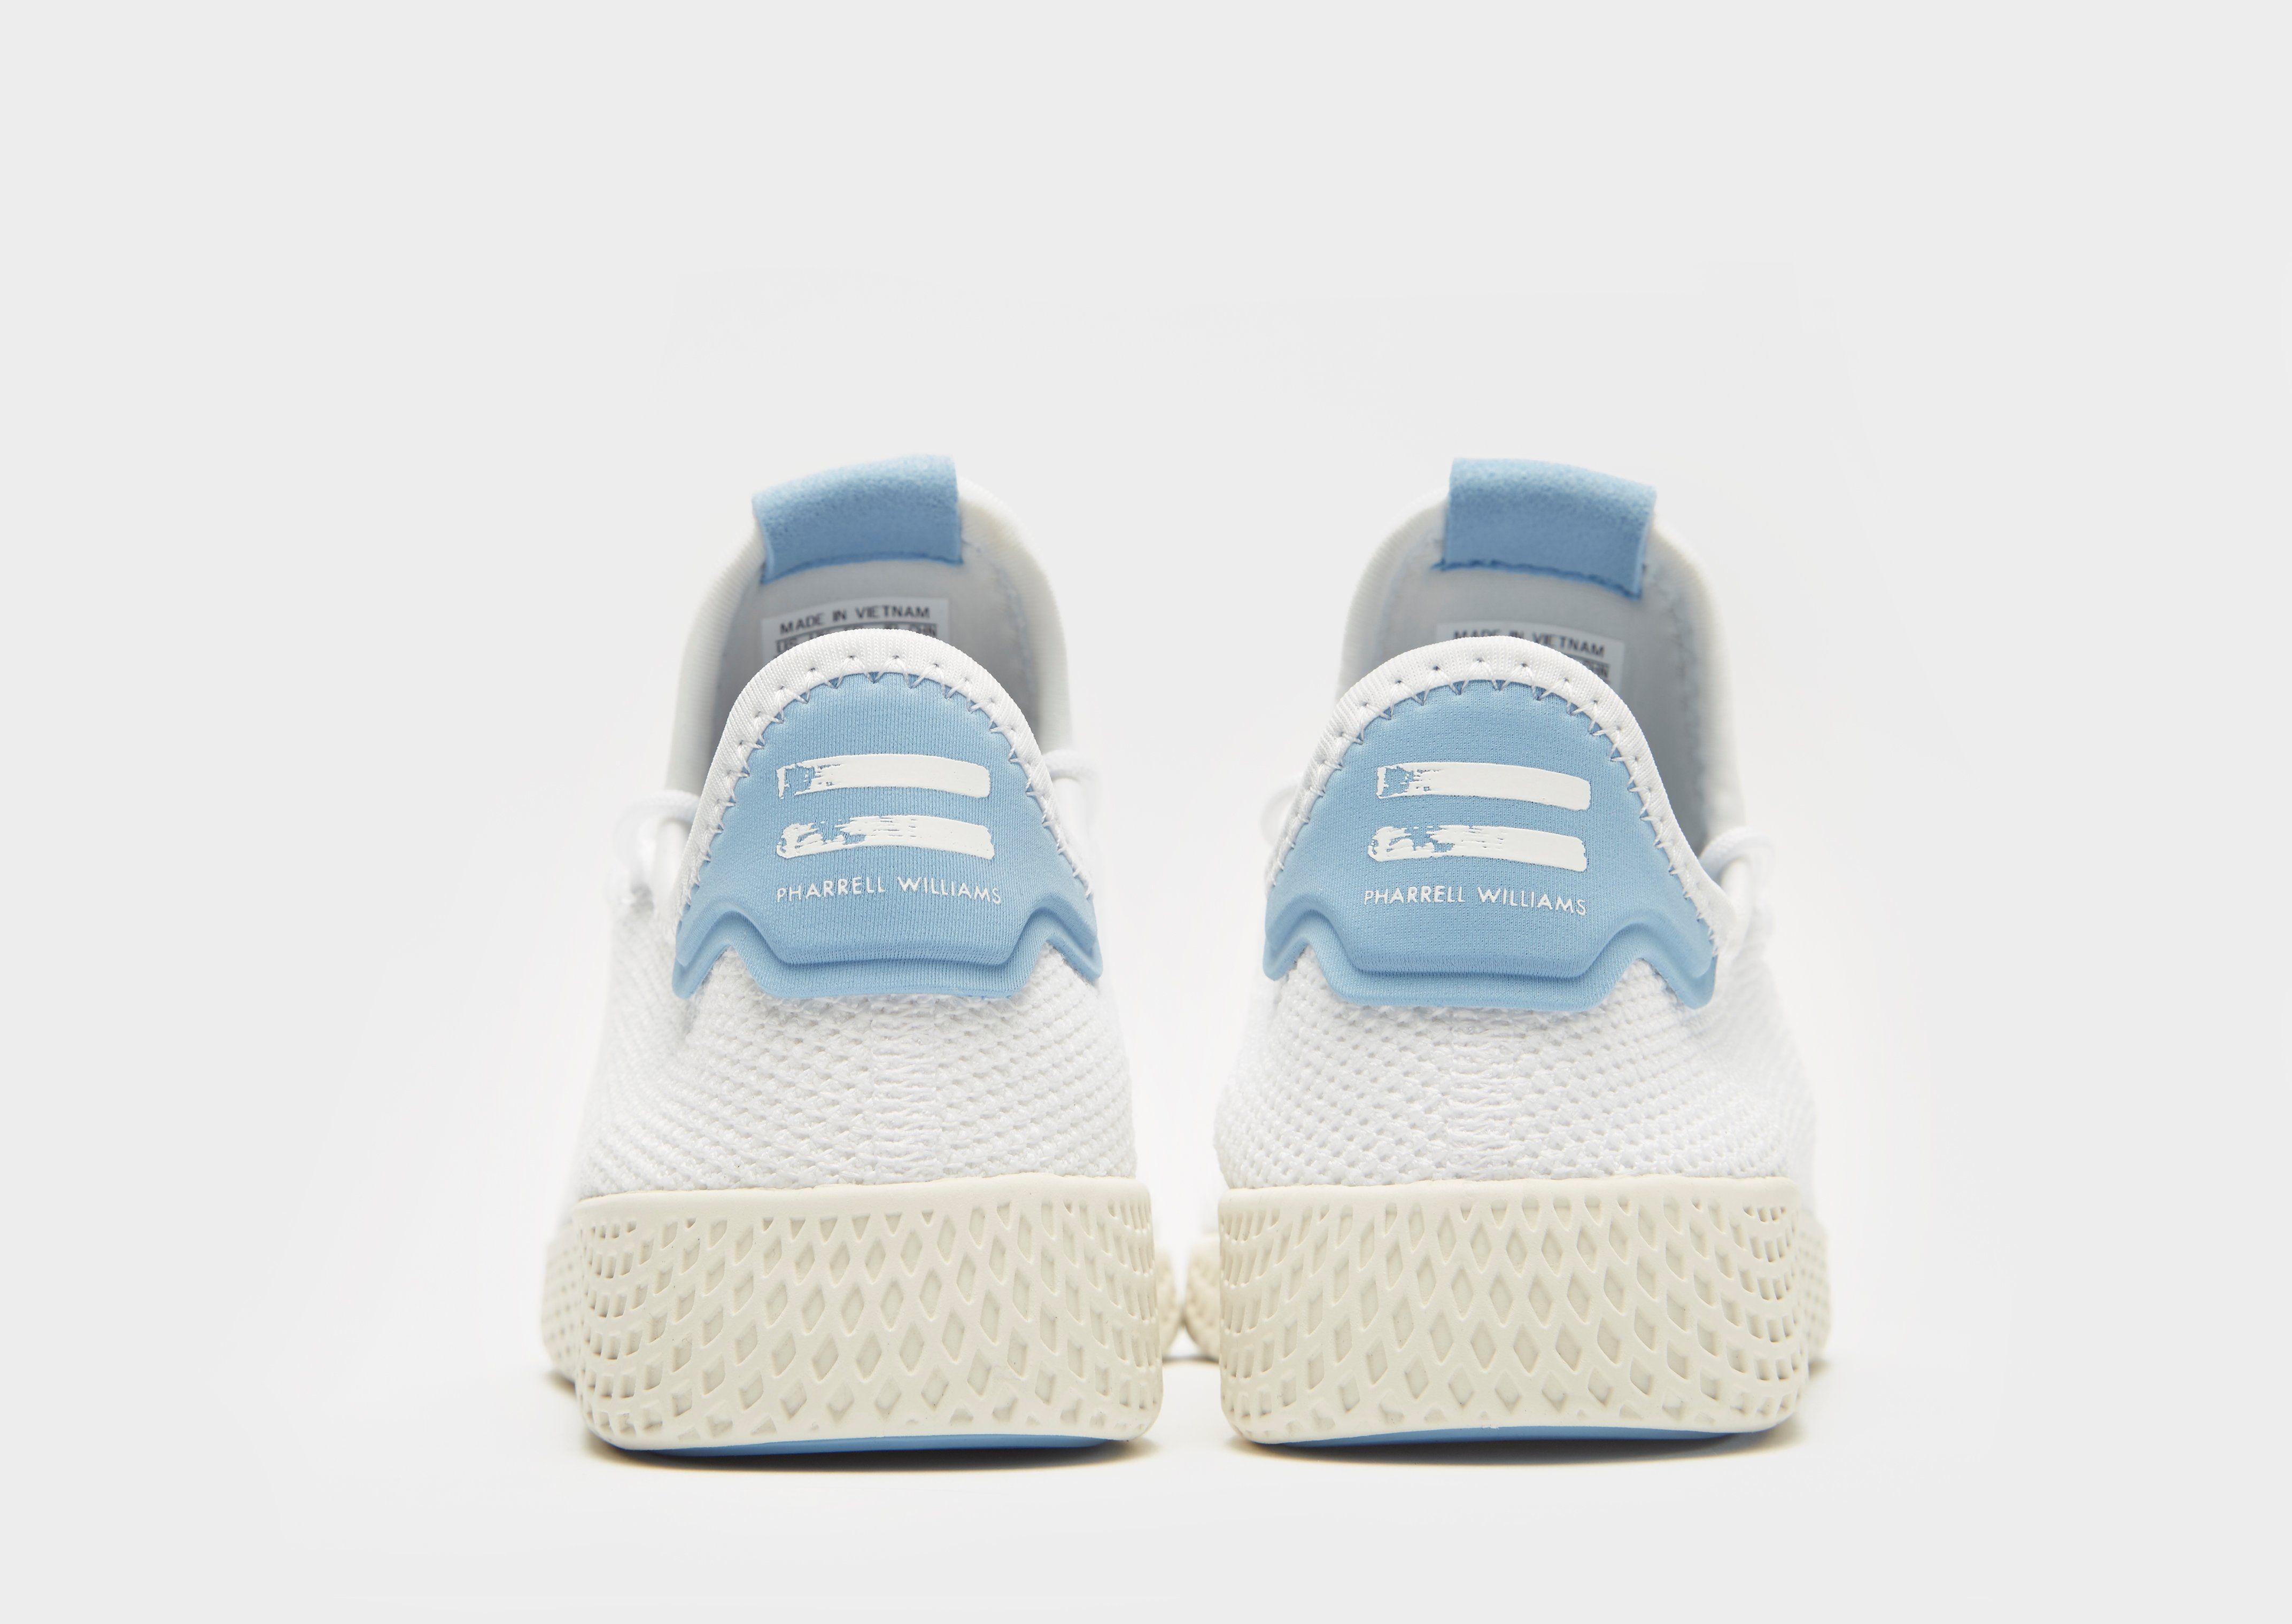 adidas originals x pharrell williams tennis hu kinder jd sports